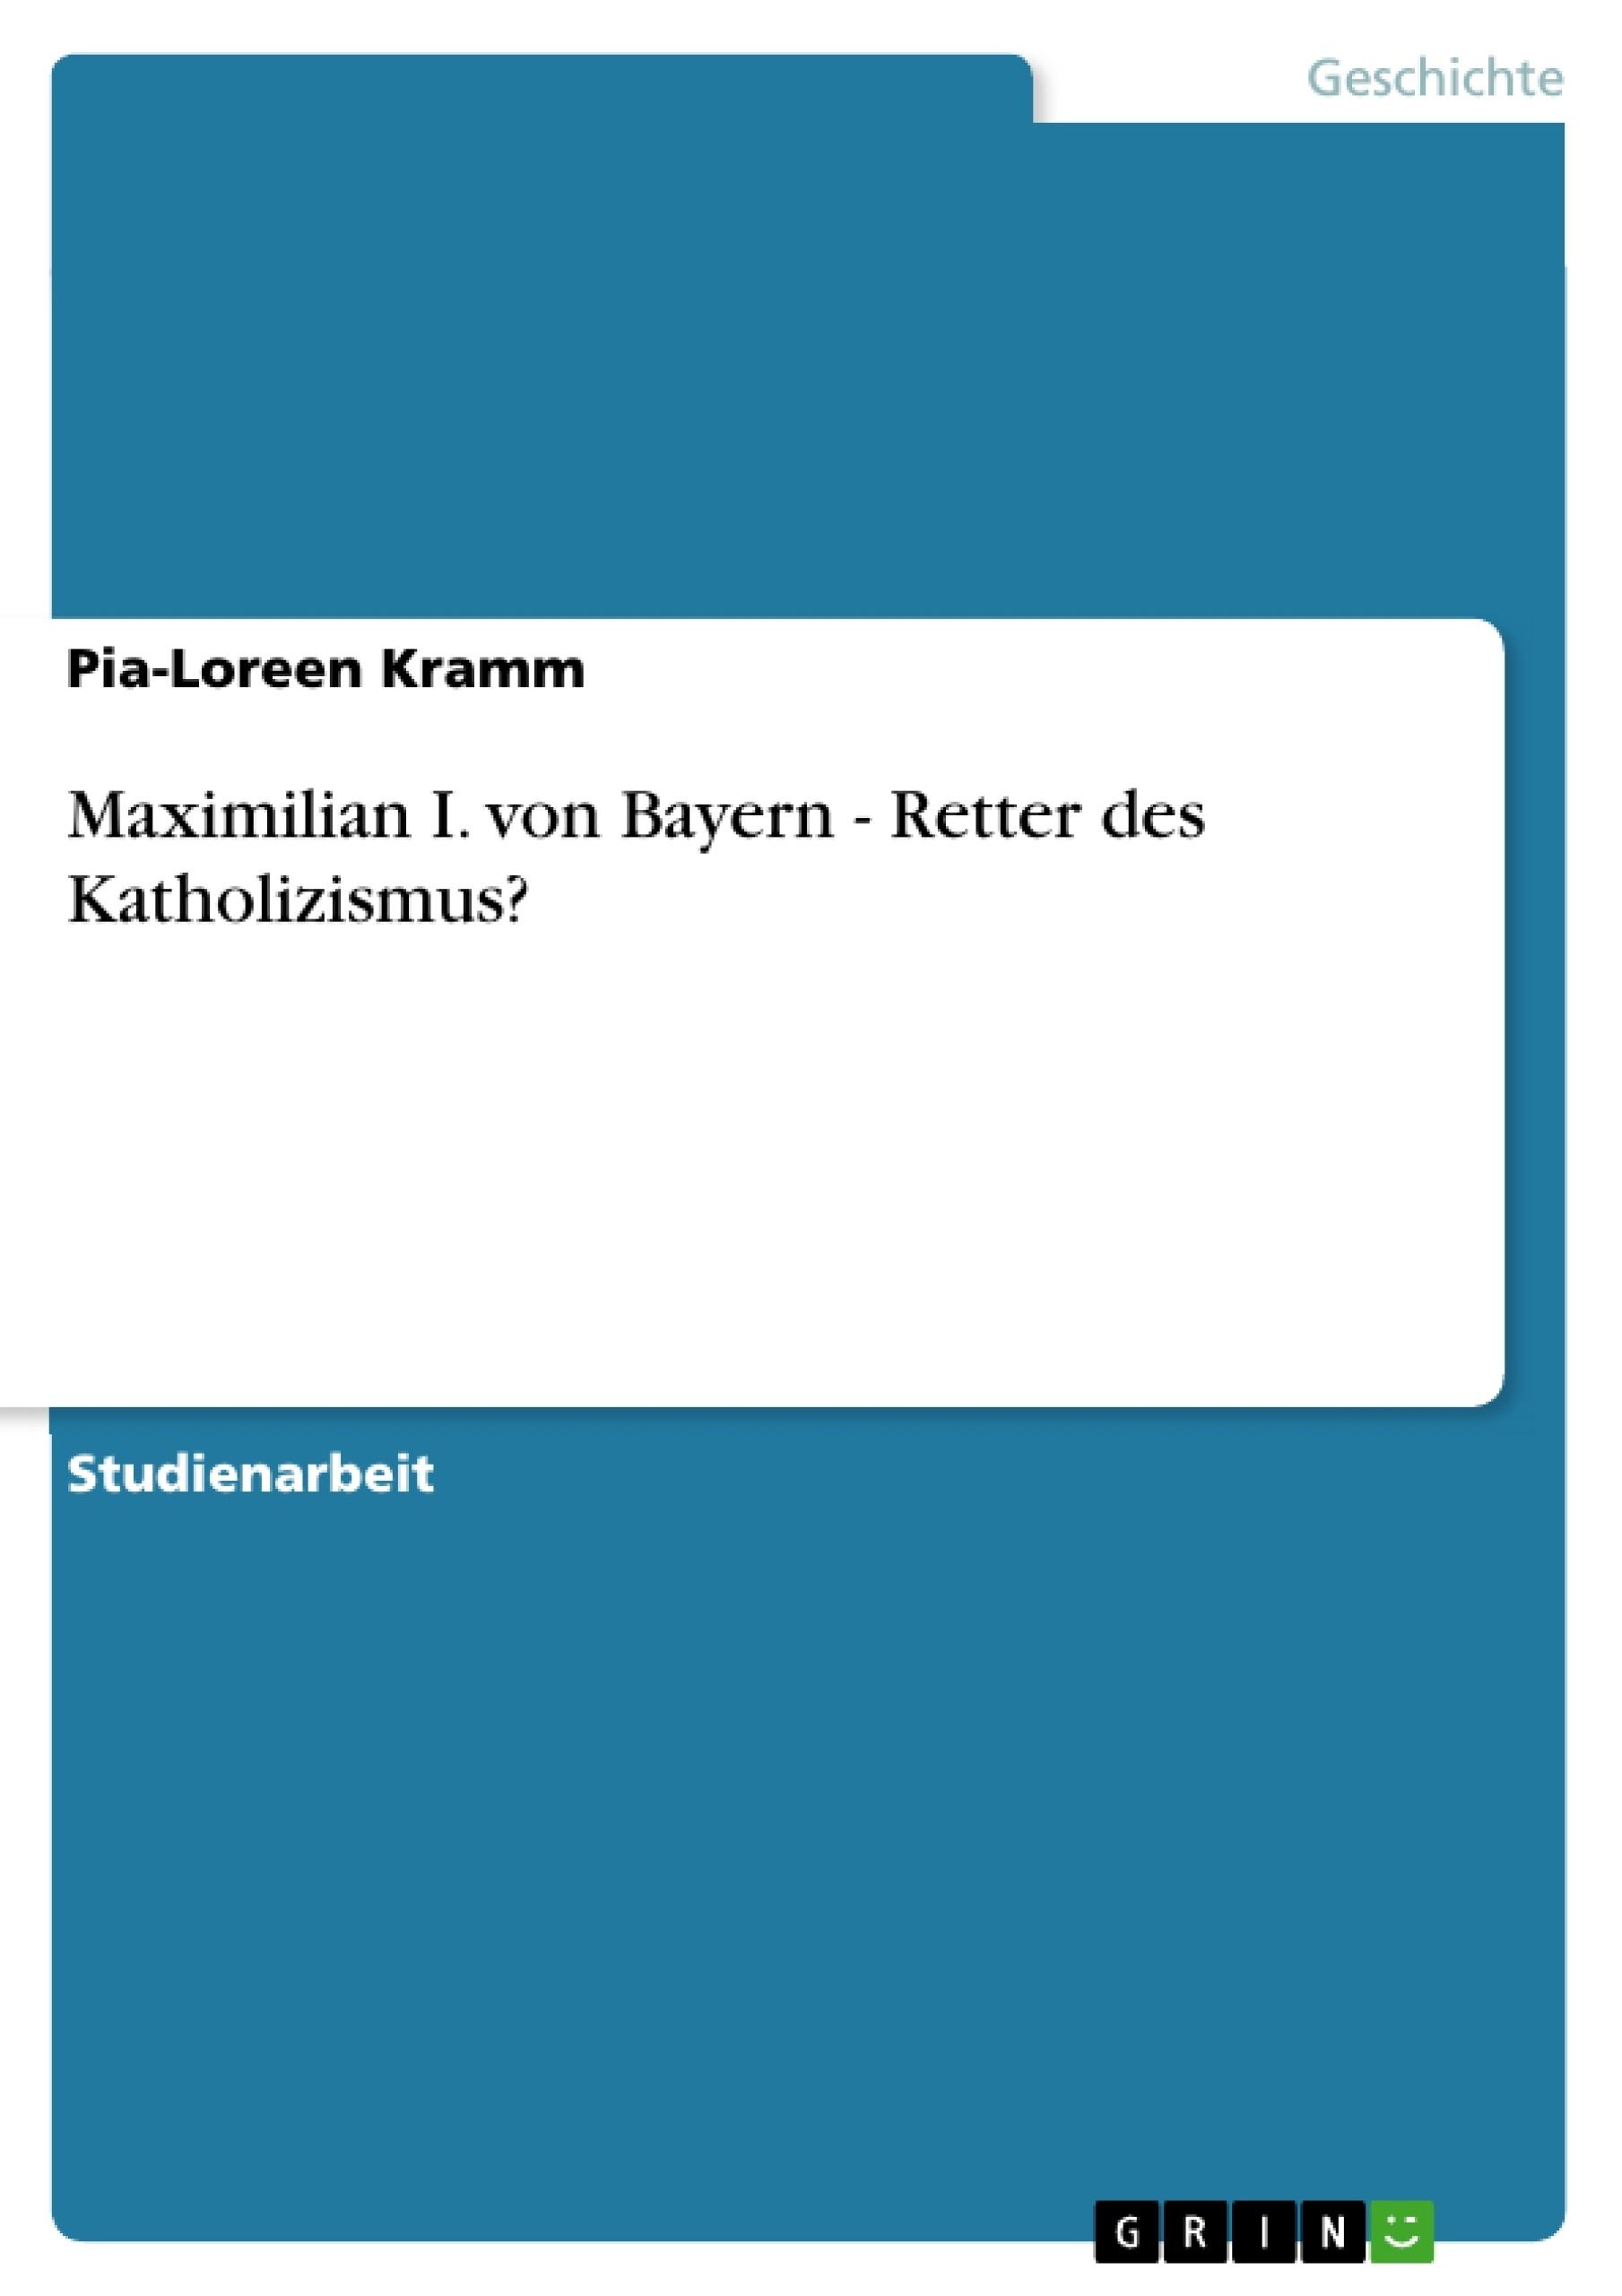 Titel: Maximilian I. von Bayern - Retter des Katholizismus?